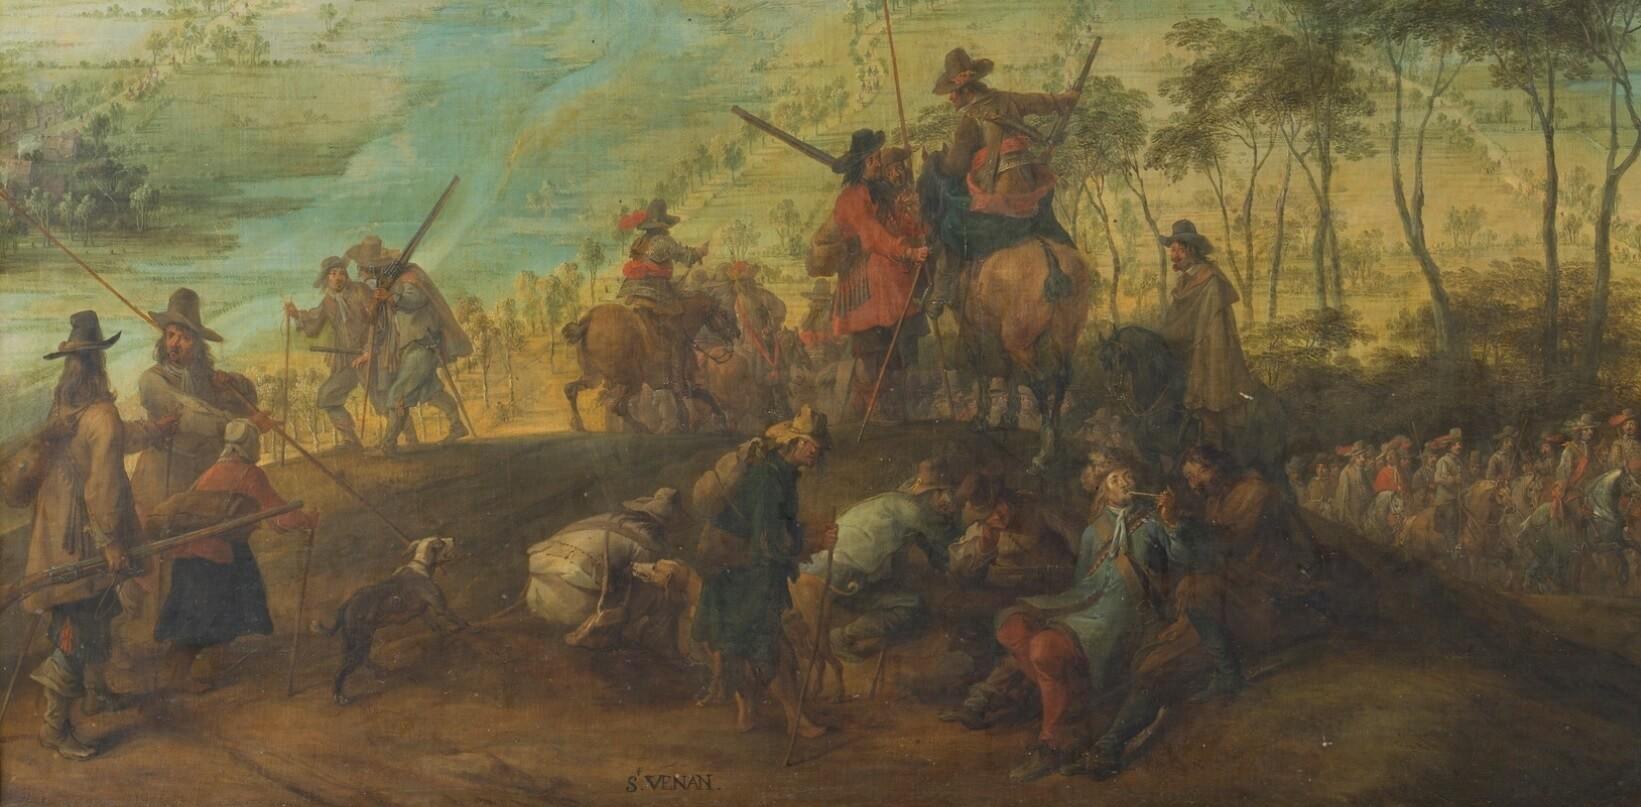 La indumentaria de los tercios. La moda militar española en el siglo XVII (1600-1650)